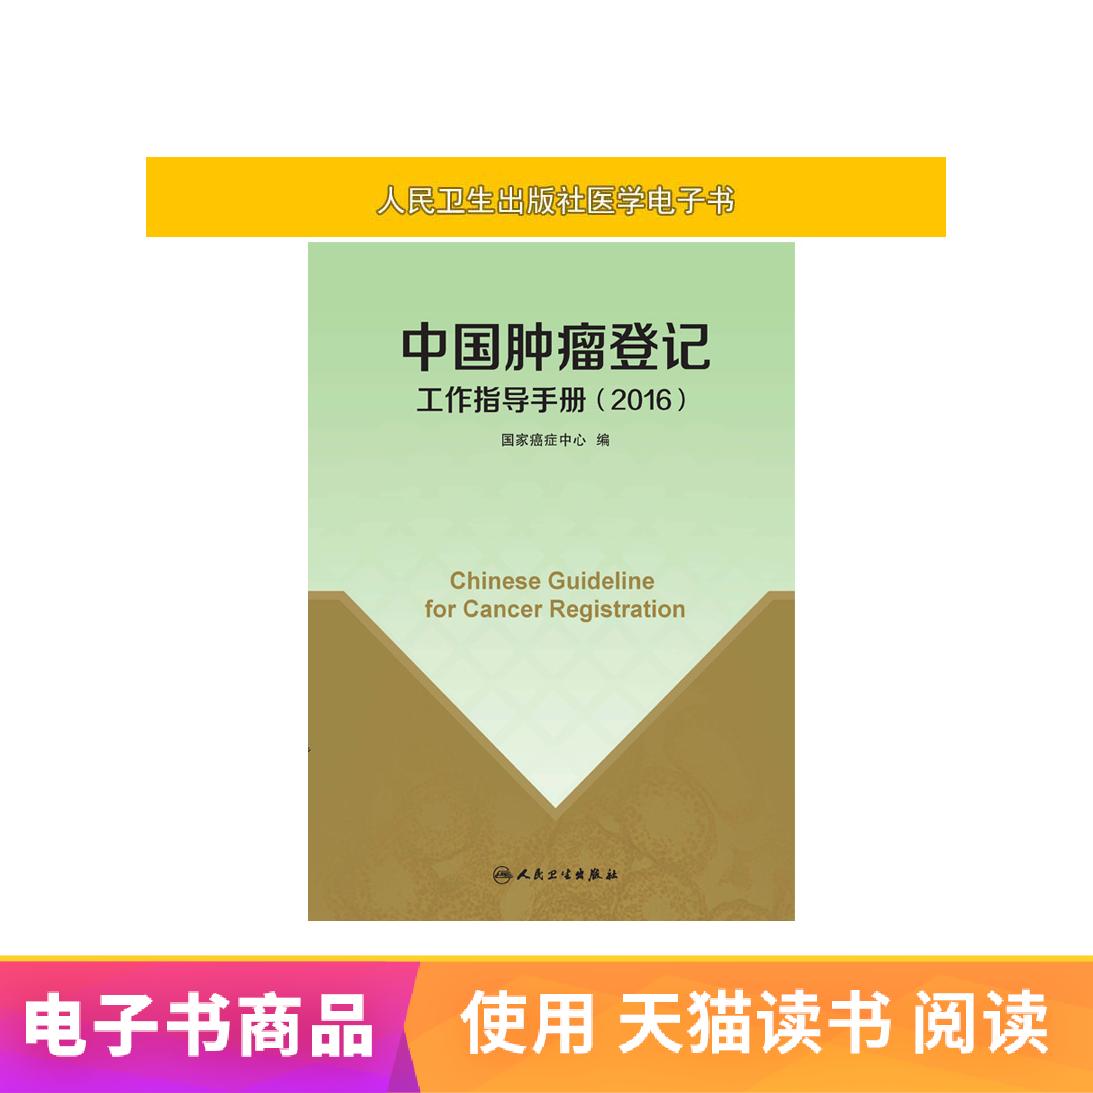 中国肿瘤登记工作指导手册(2016)人民卫生出版社【电子书】